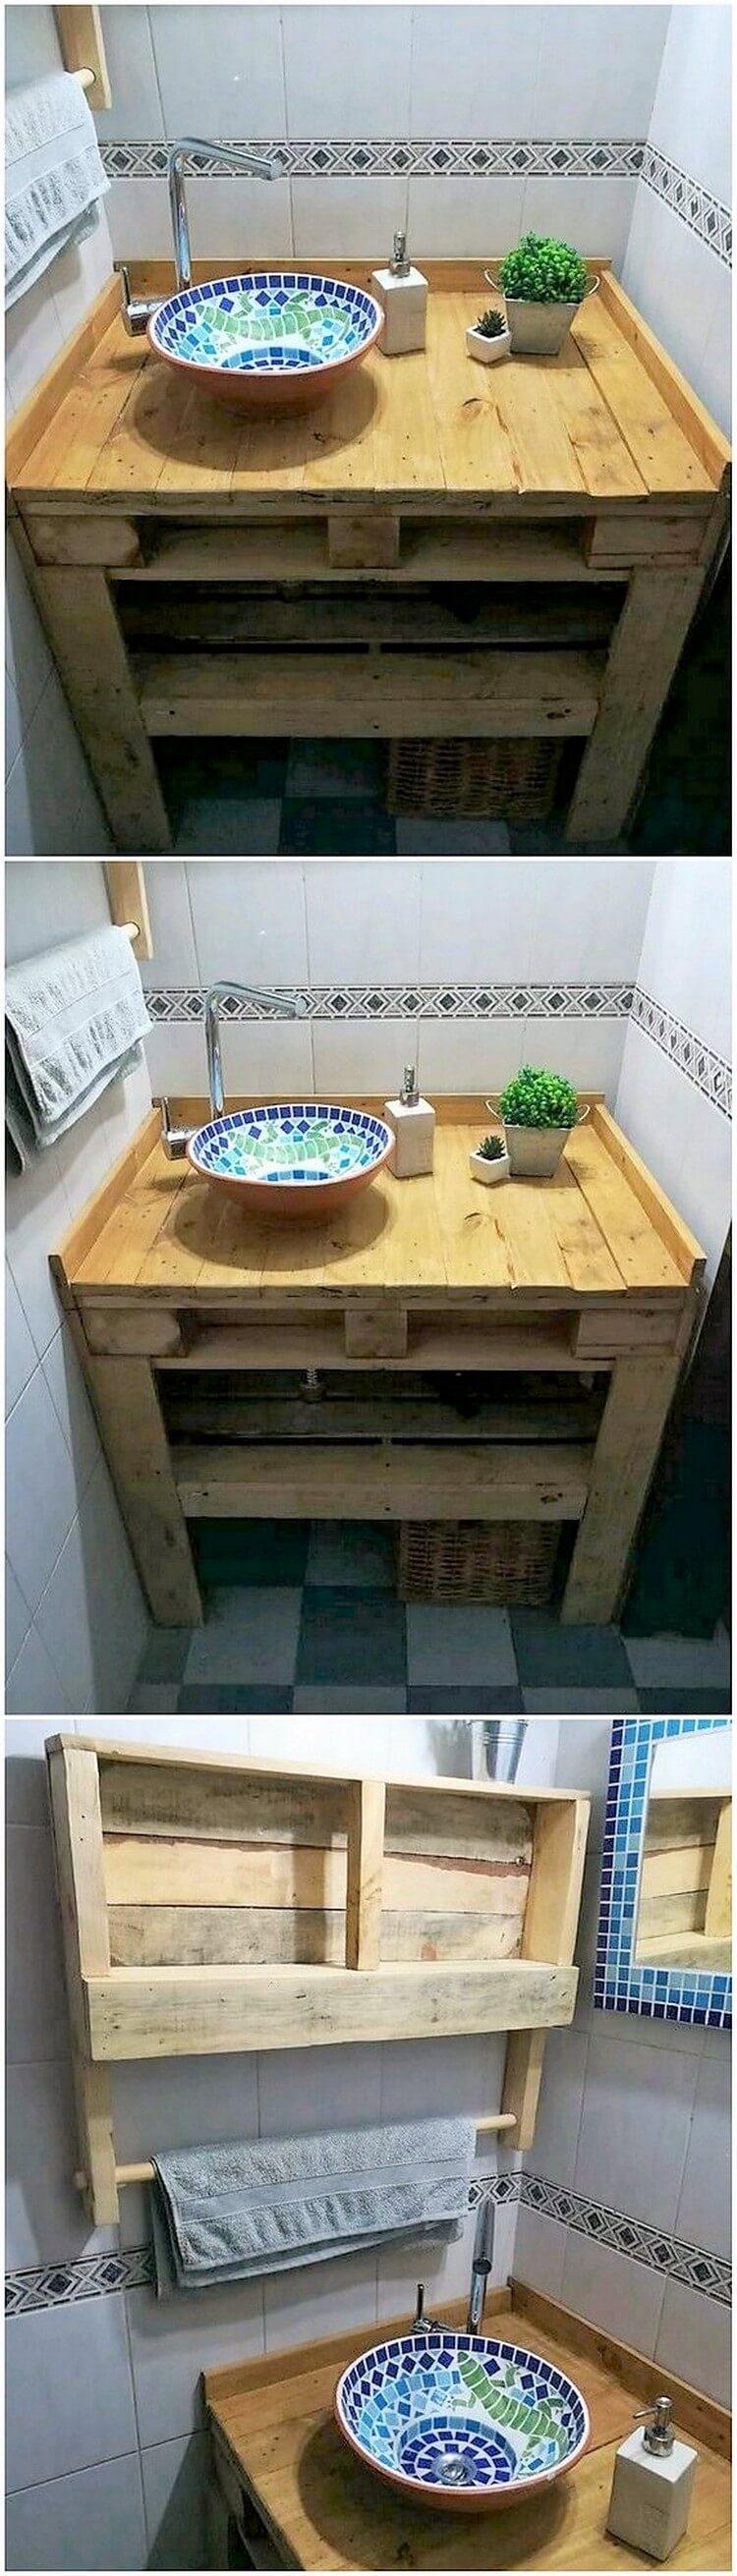 Pallet Bathroom Sink and Towel Rack